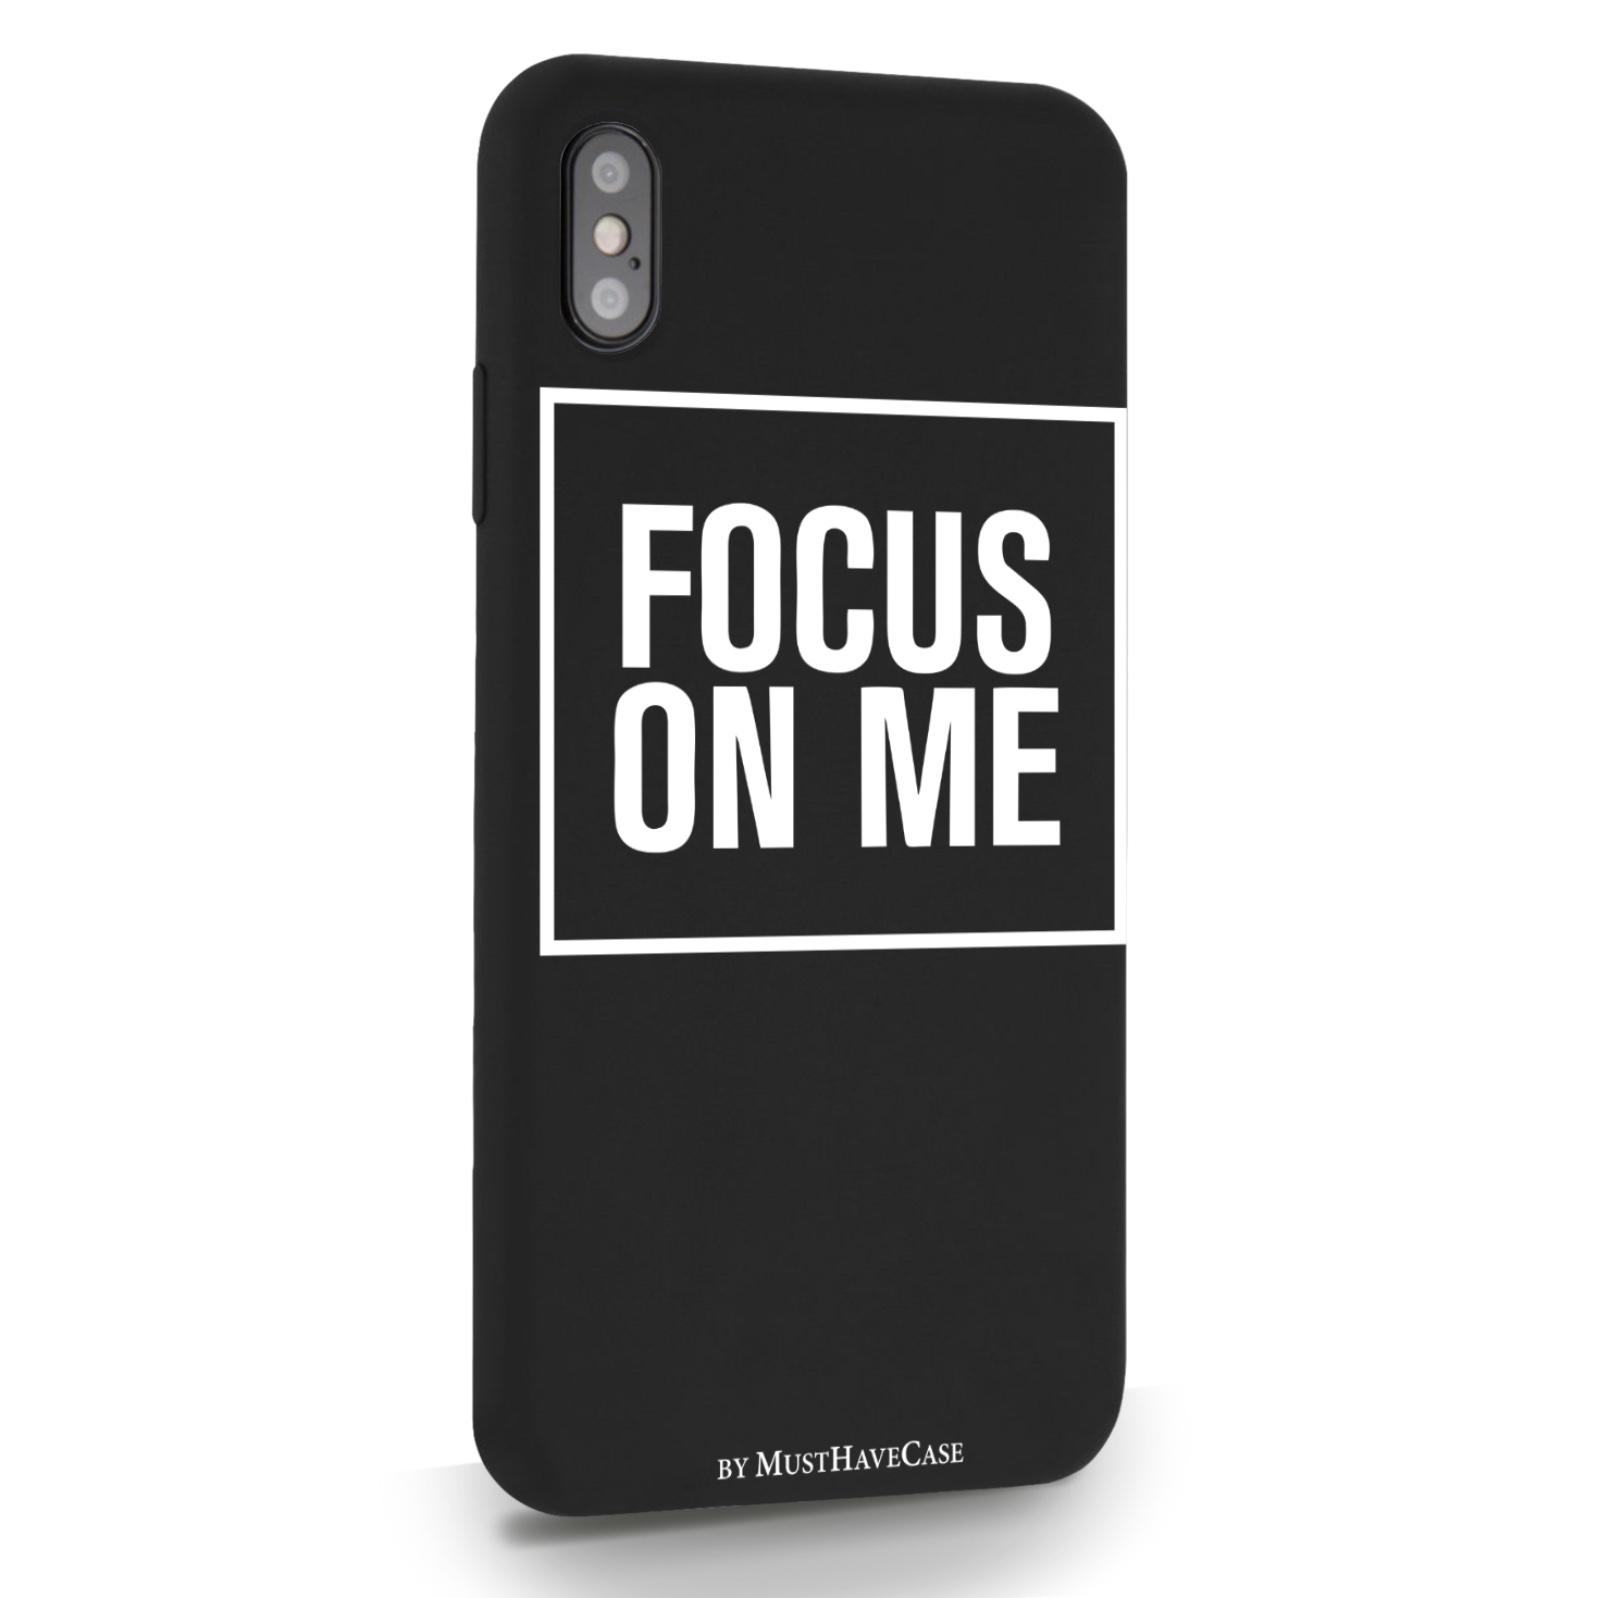 Черный силиконовый чехол для iPhone XS Max Focus on me для Айфон 10C Макс